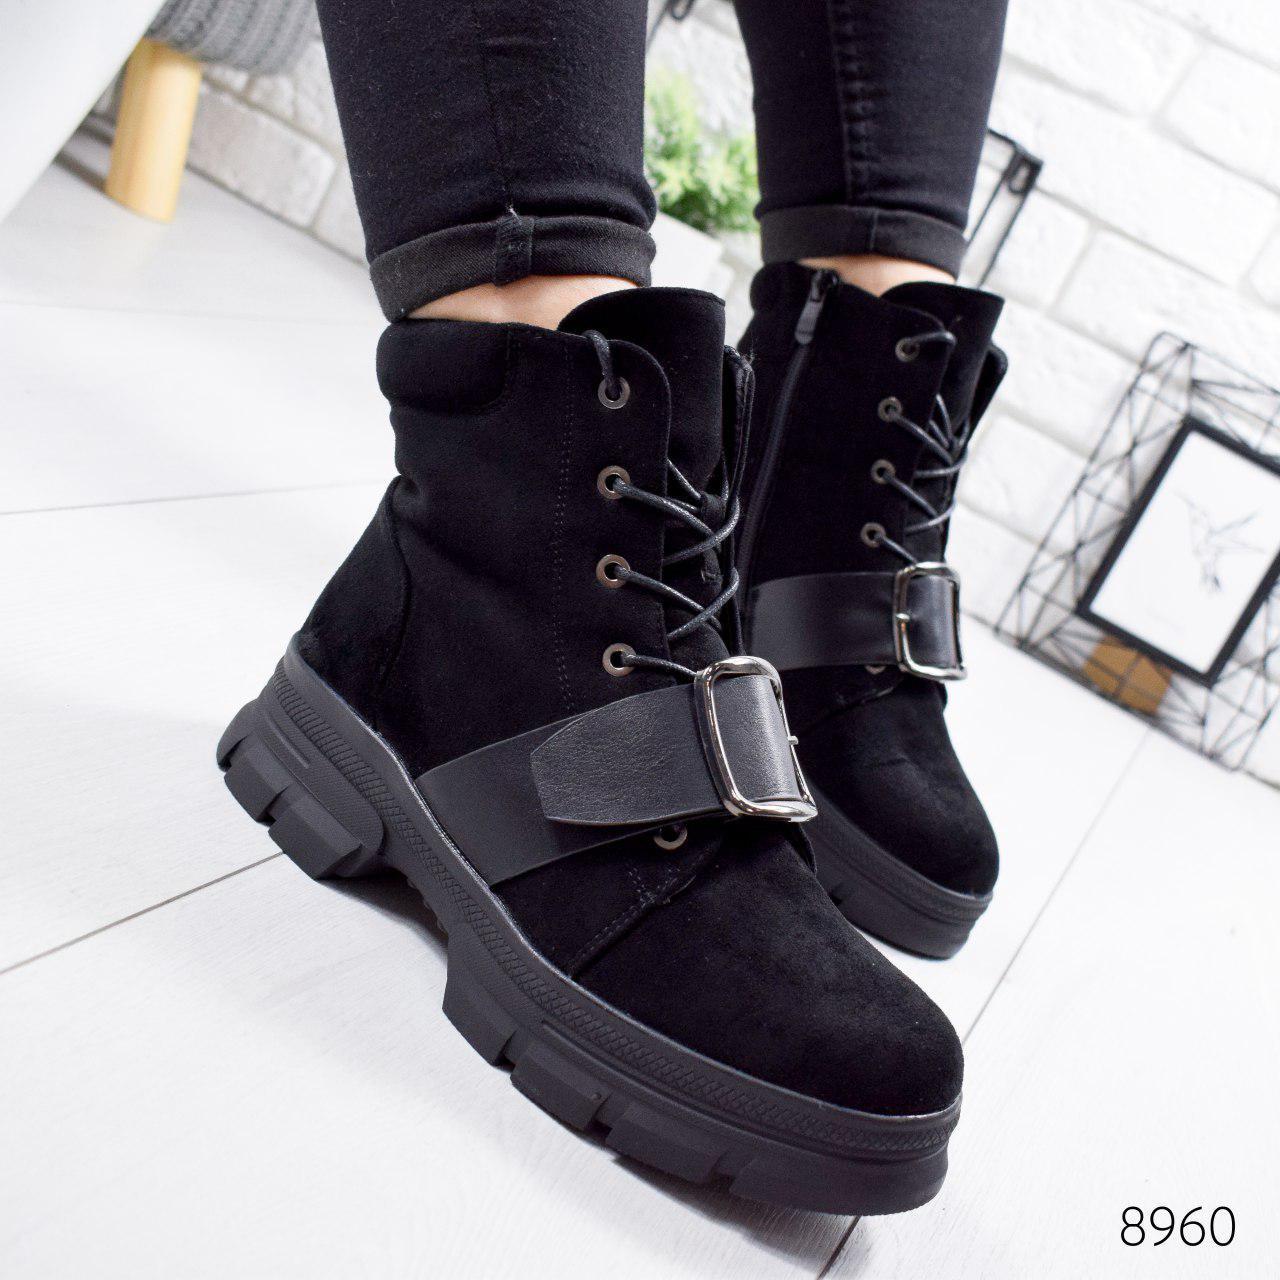 """Ботинки женские зимние, черного цвета из эко замши """"8960"""". Черевики жіночі. Ботинки теплые"""